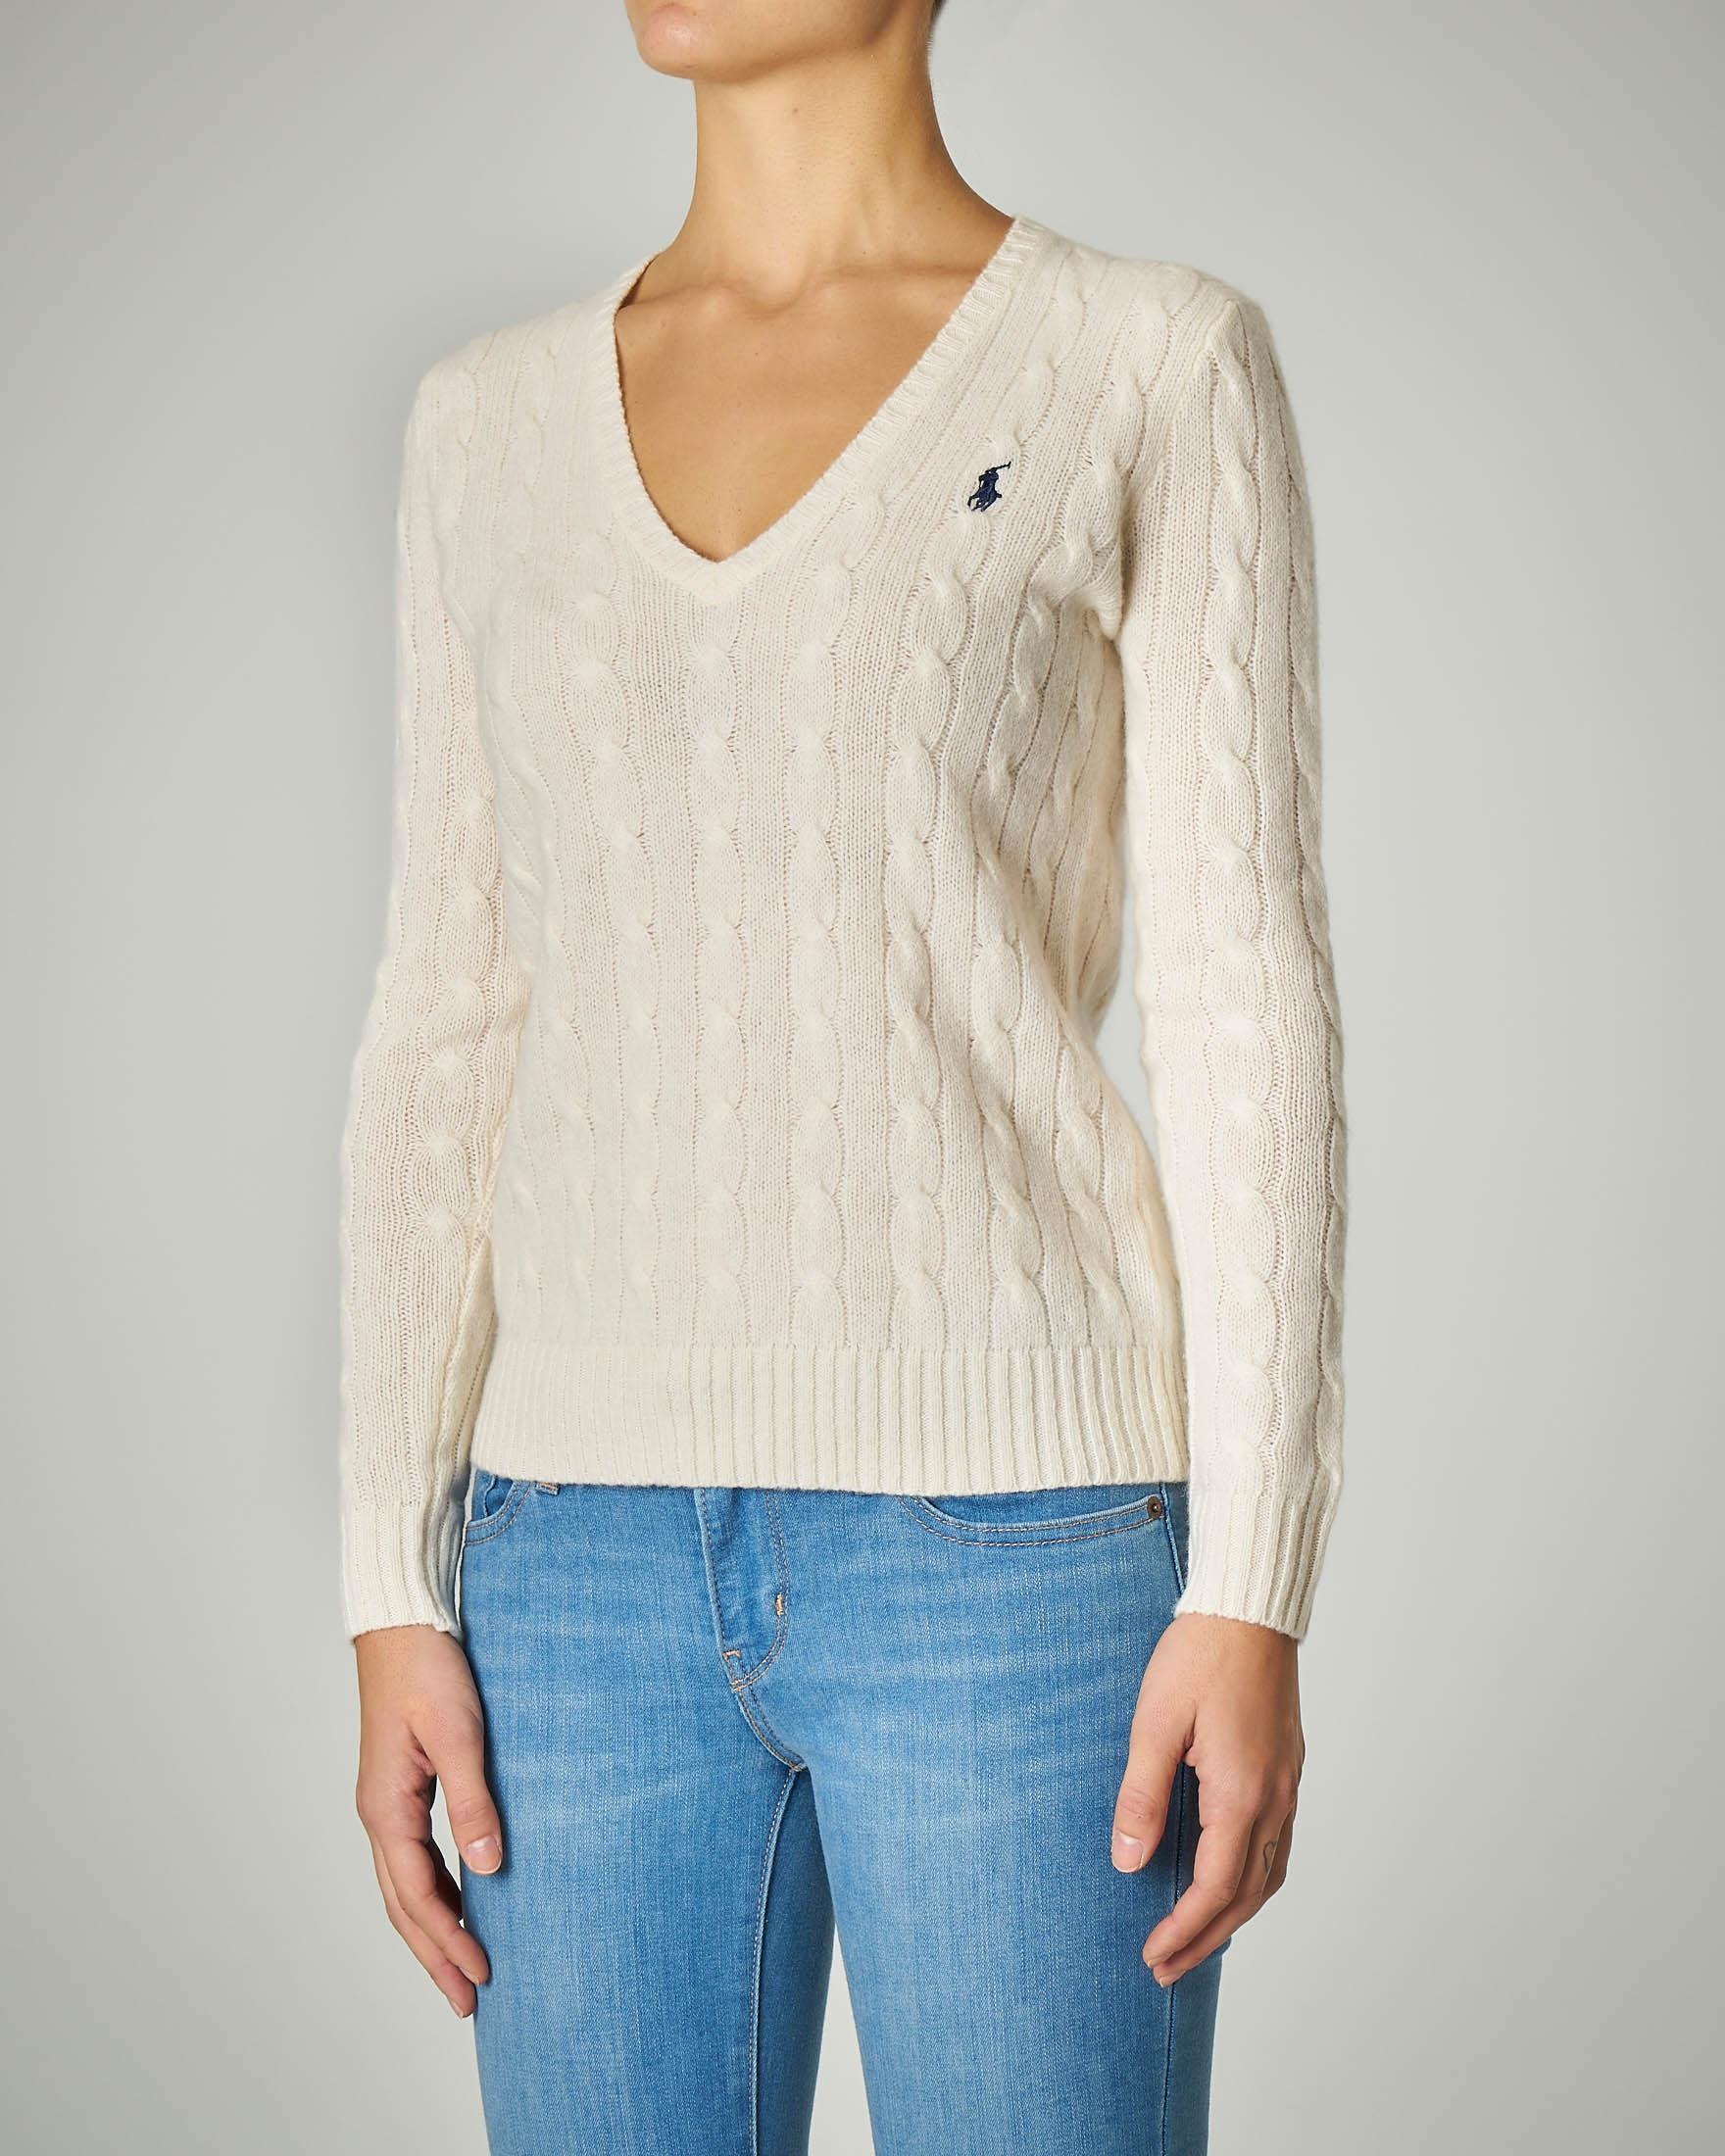 Maglia a trecce in lana e cashmere scollo a V color avorio